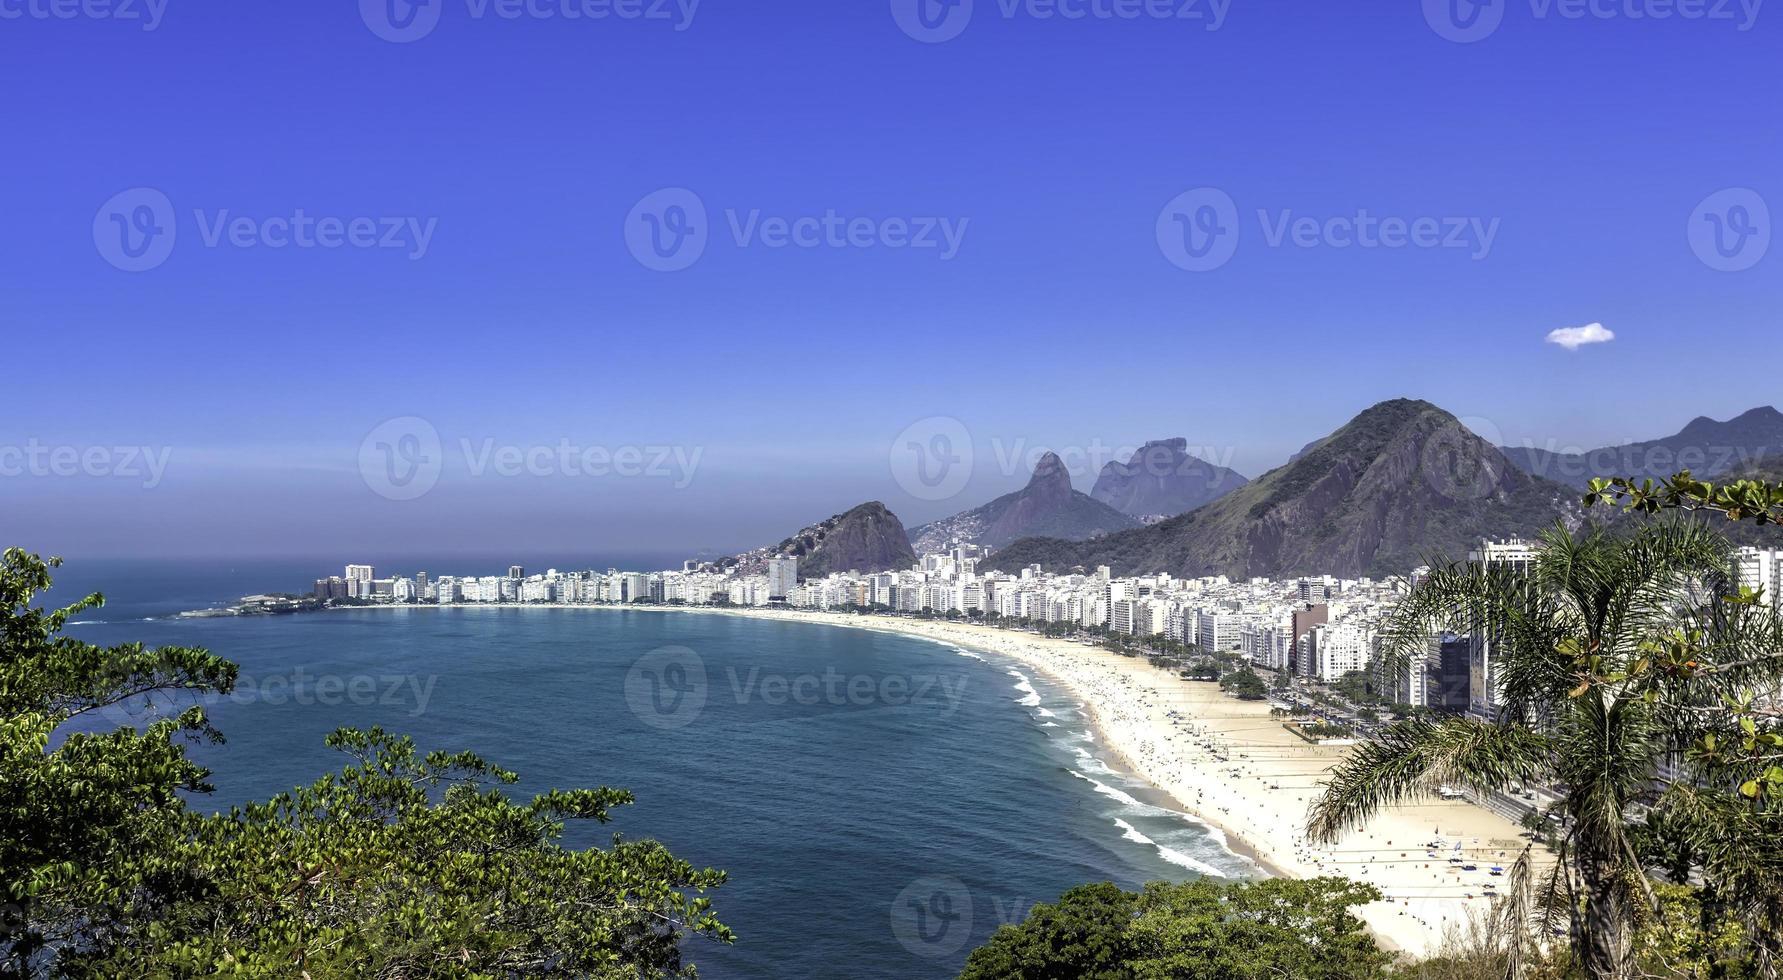 journée ensoleillée sur la plage de copacabana à rio de janeiro photo